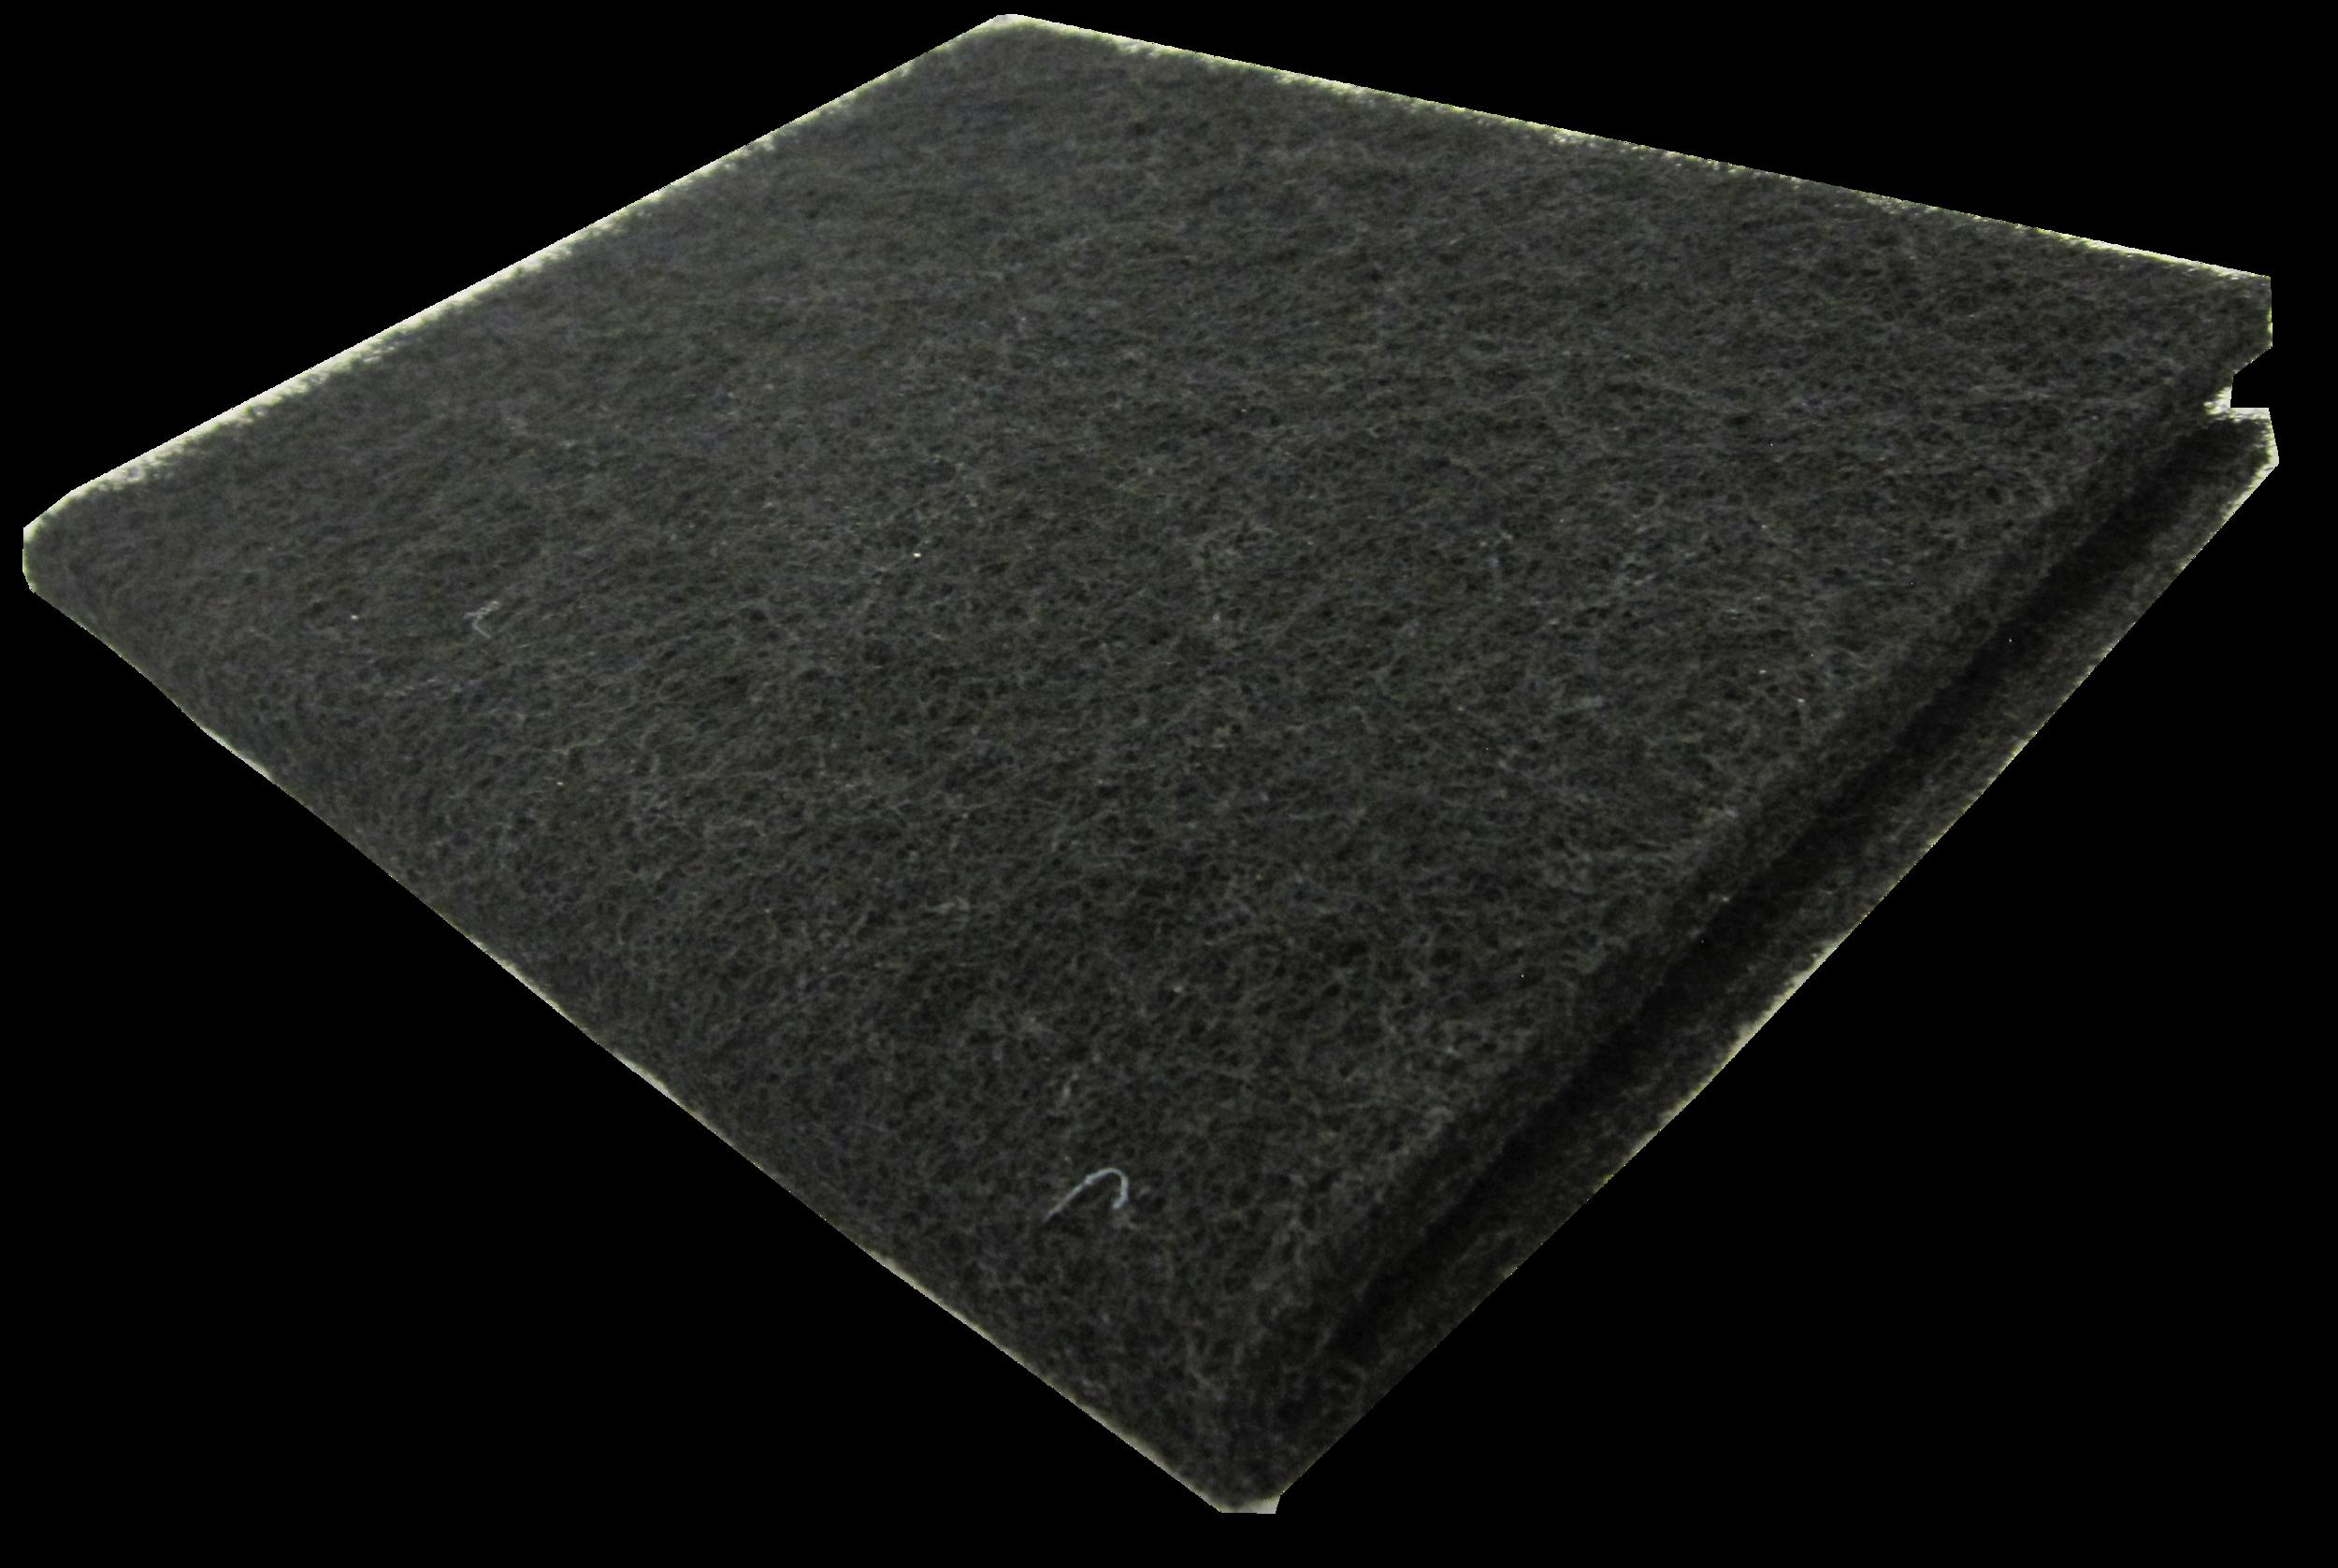 """18x10"""" Carbon Pad   SKU: AM41002  UPC#:7-49729-41002-7  Case Pack: 50pcs.  Master Carton Weight: 20lbs.  Master Carton Size :  33""""x22""""x11"""""""